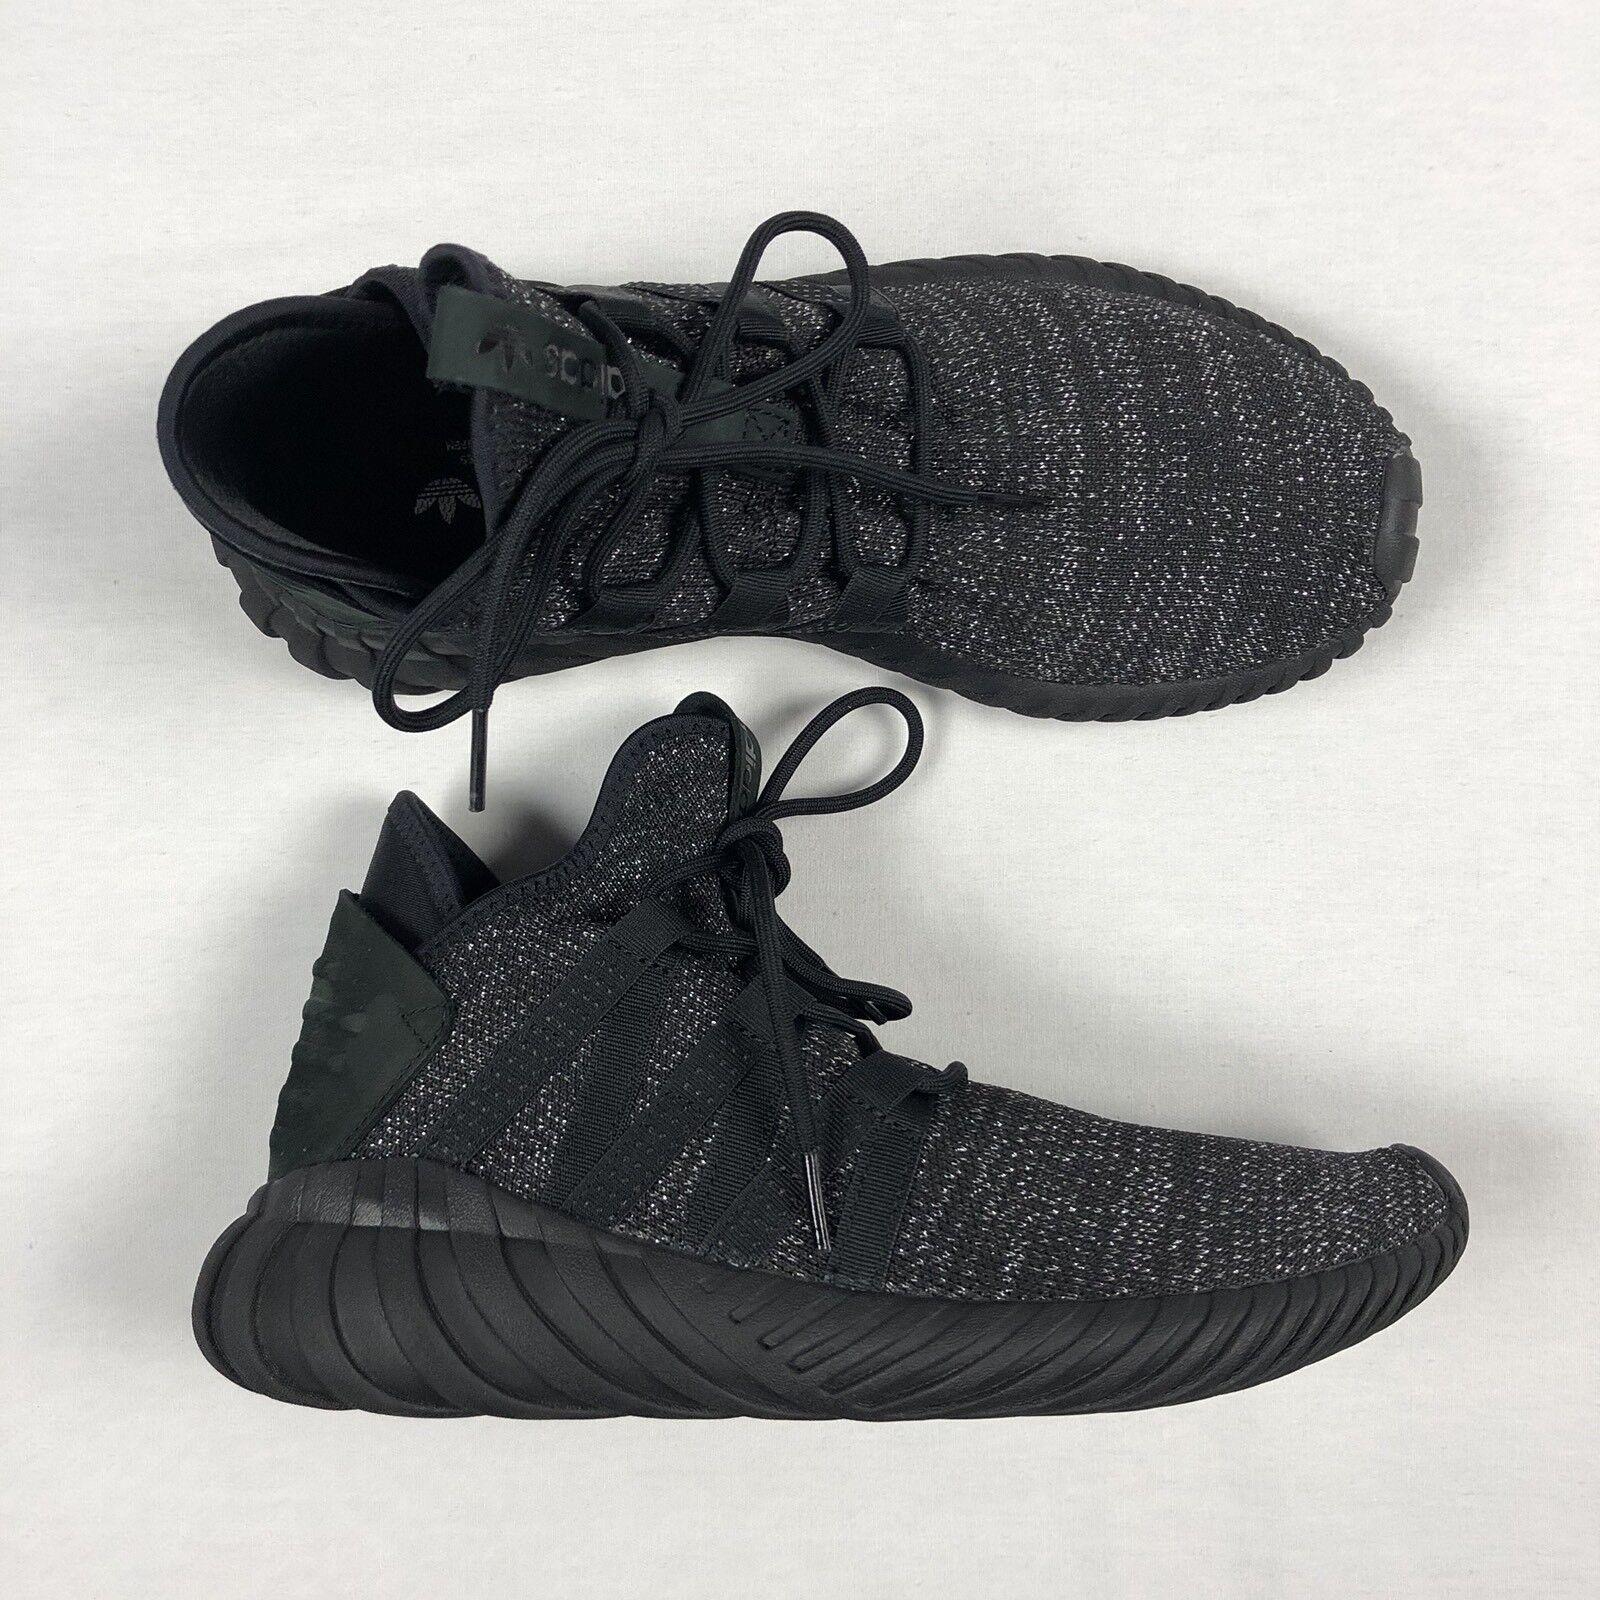 Adidas Womens Tubular Dawn Size 8 Running Metallic Black BZ0629 (e7)